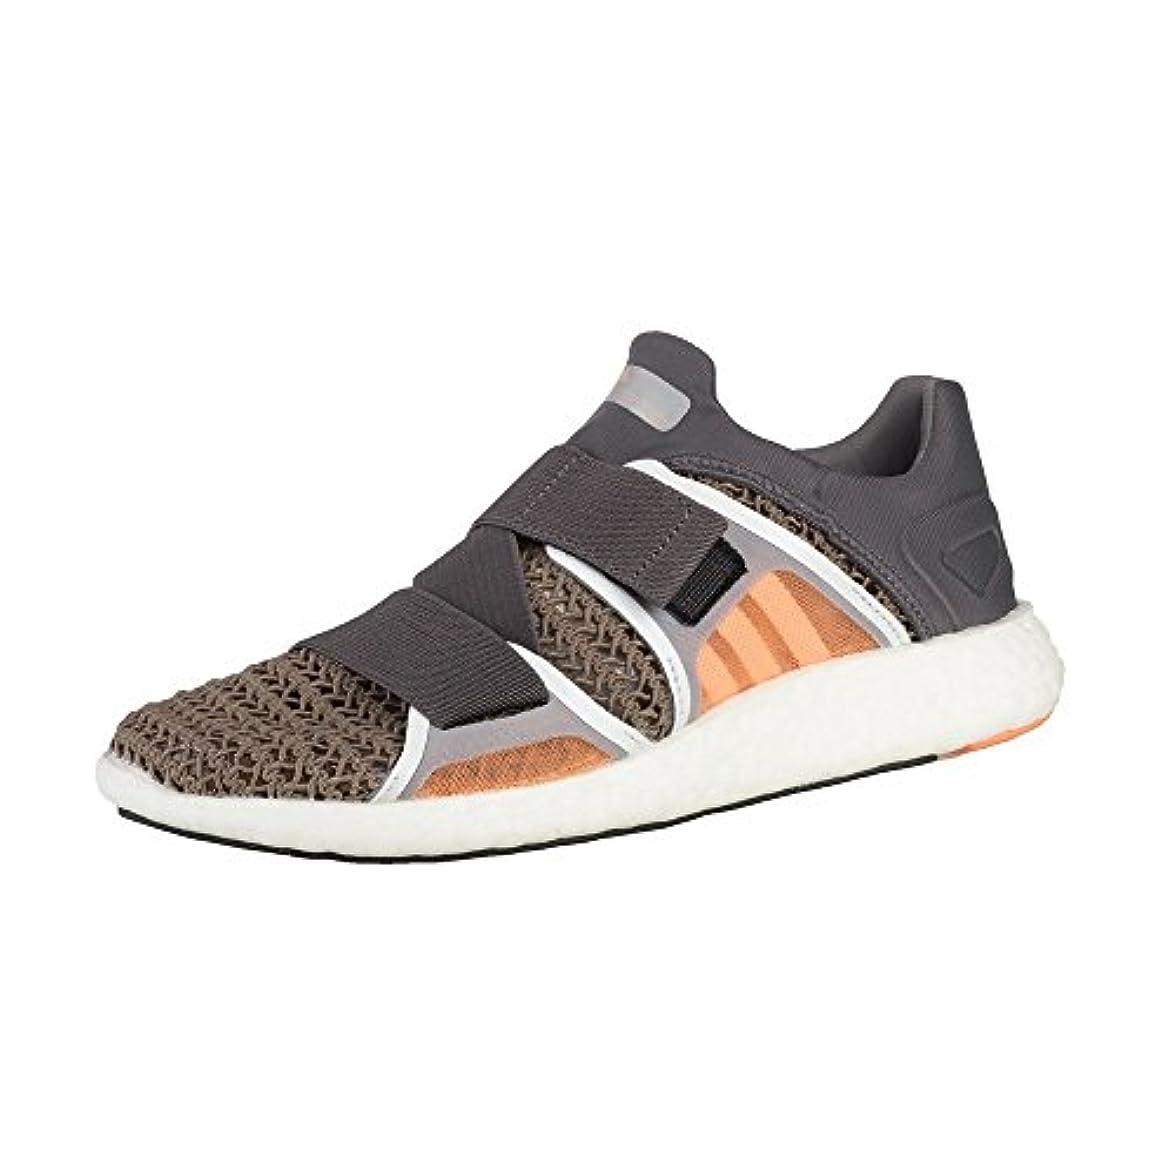 Adidas Pureboost S78417 Colore Bianco arancione marrone Taglia 37 3